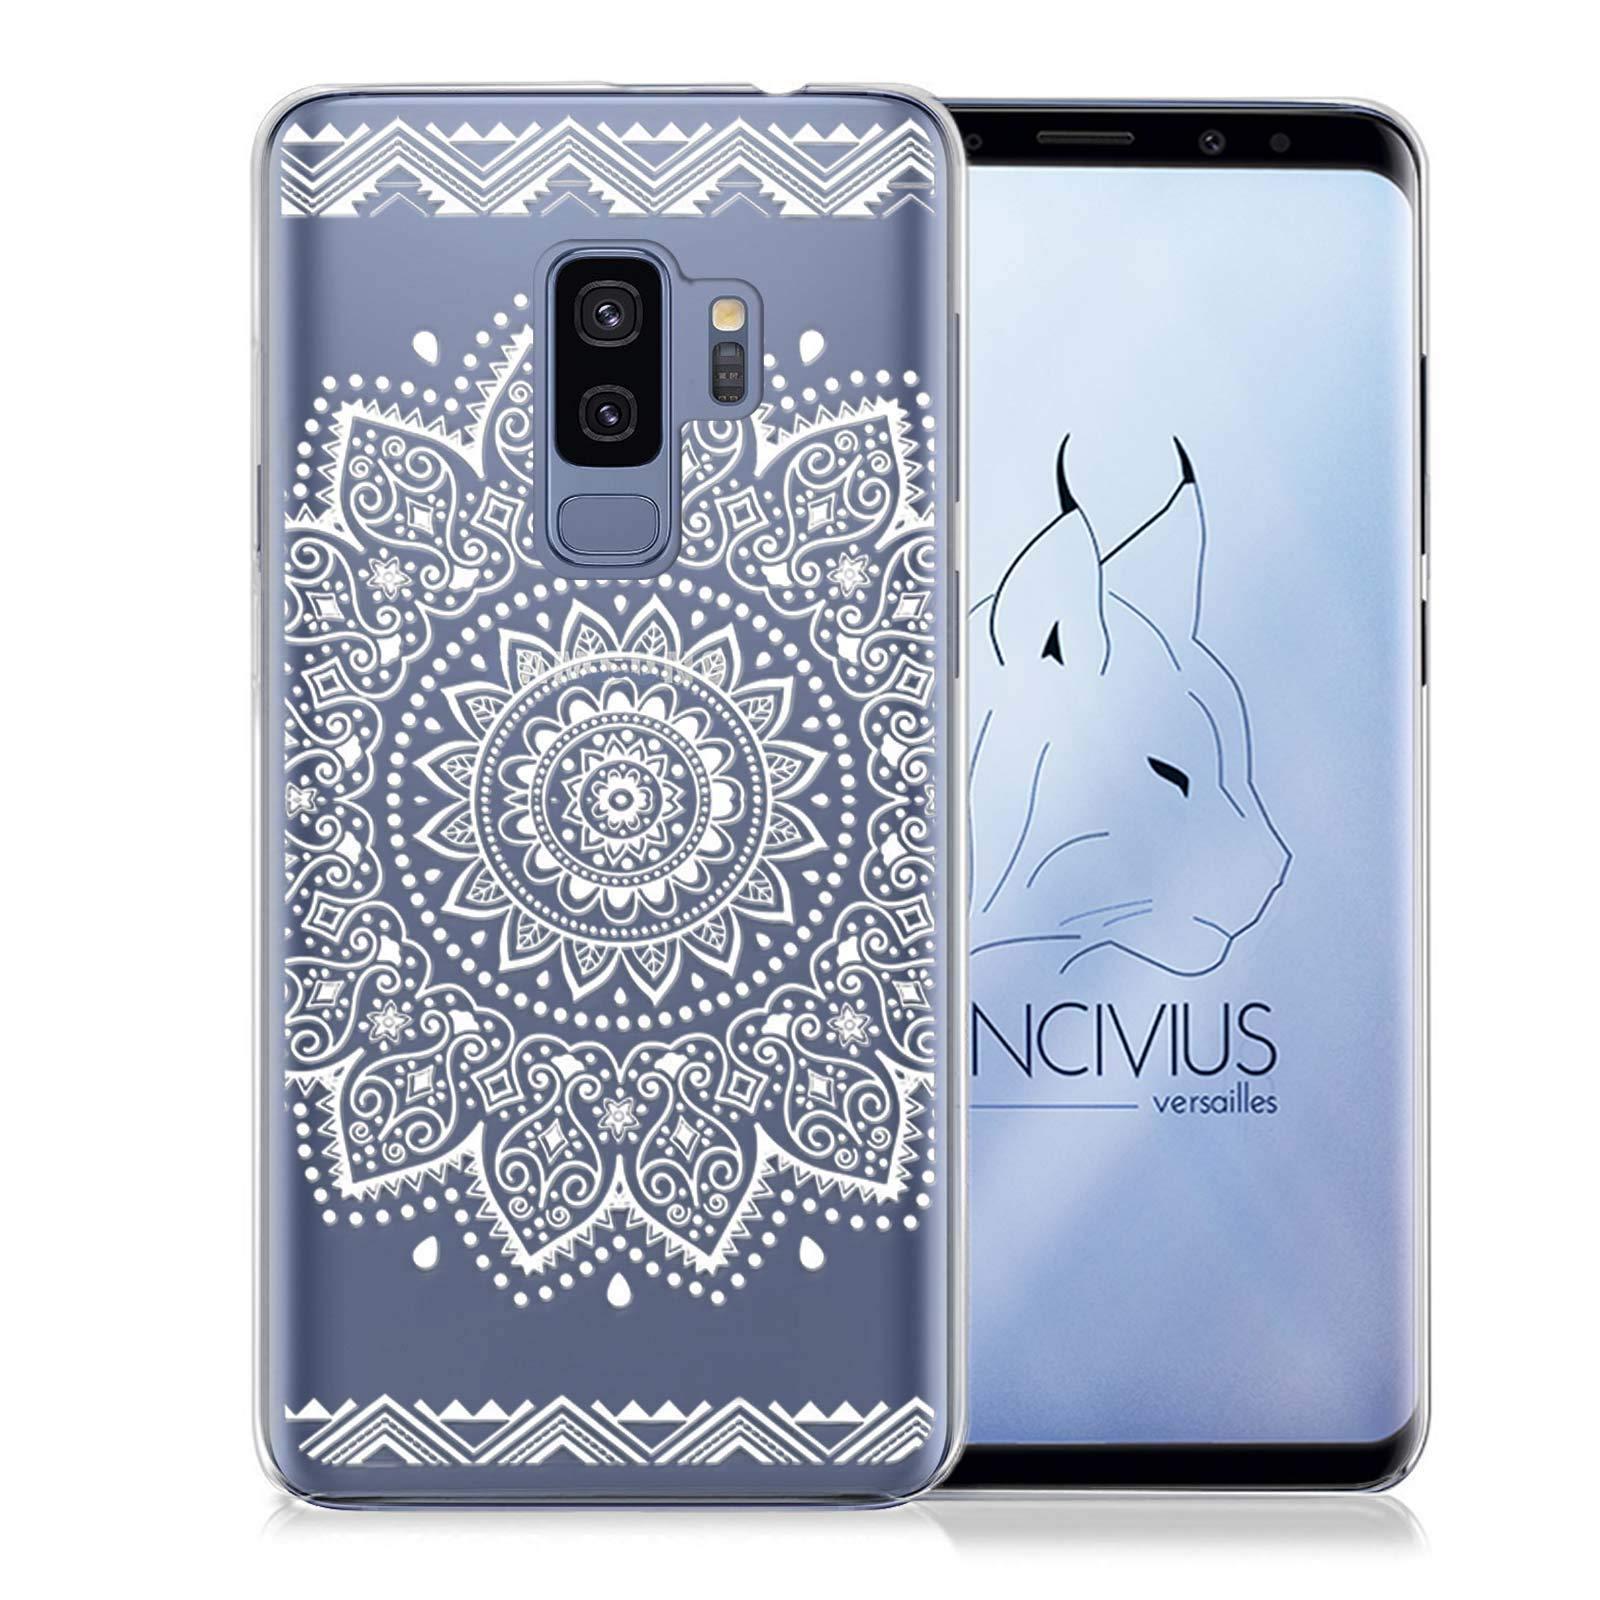 LINCIVIUS  Coques Samsung S9 PLUS [Lot 3 Coques] Housse Samsung Galaxy S9 PLUS Etui Transparent Silicone Design Mandala [Satisfait ou remboursé 30 Jours]